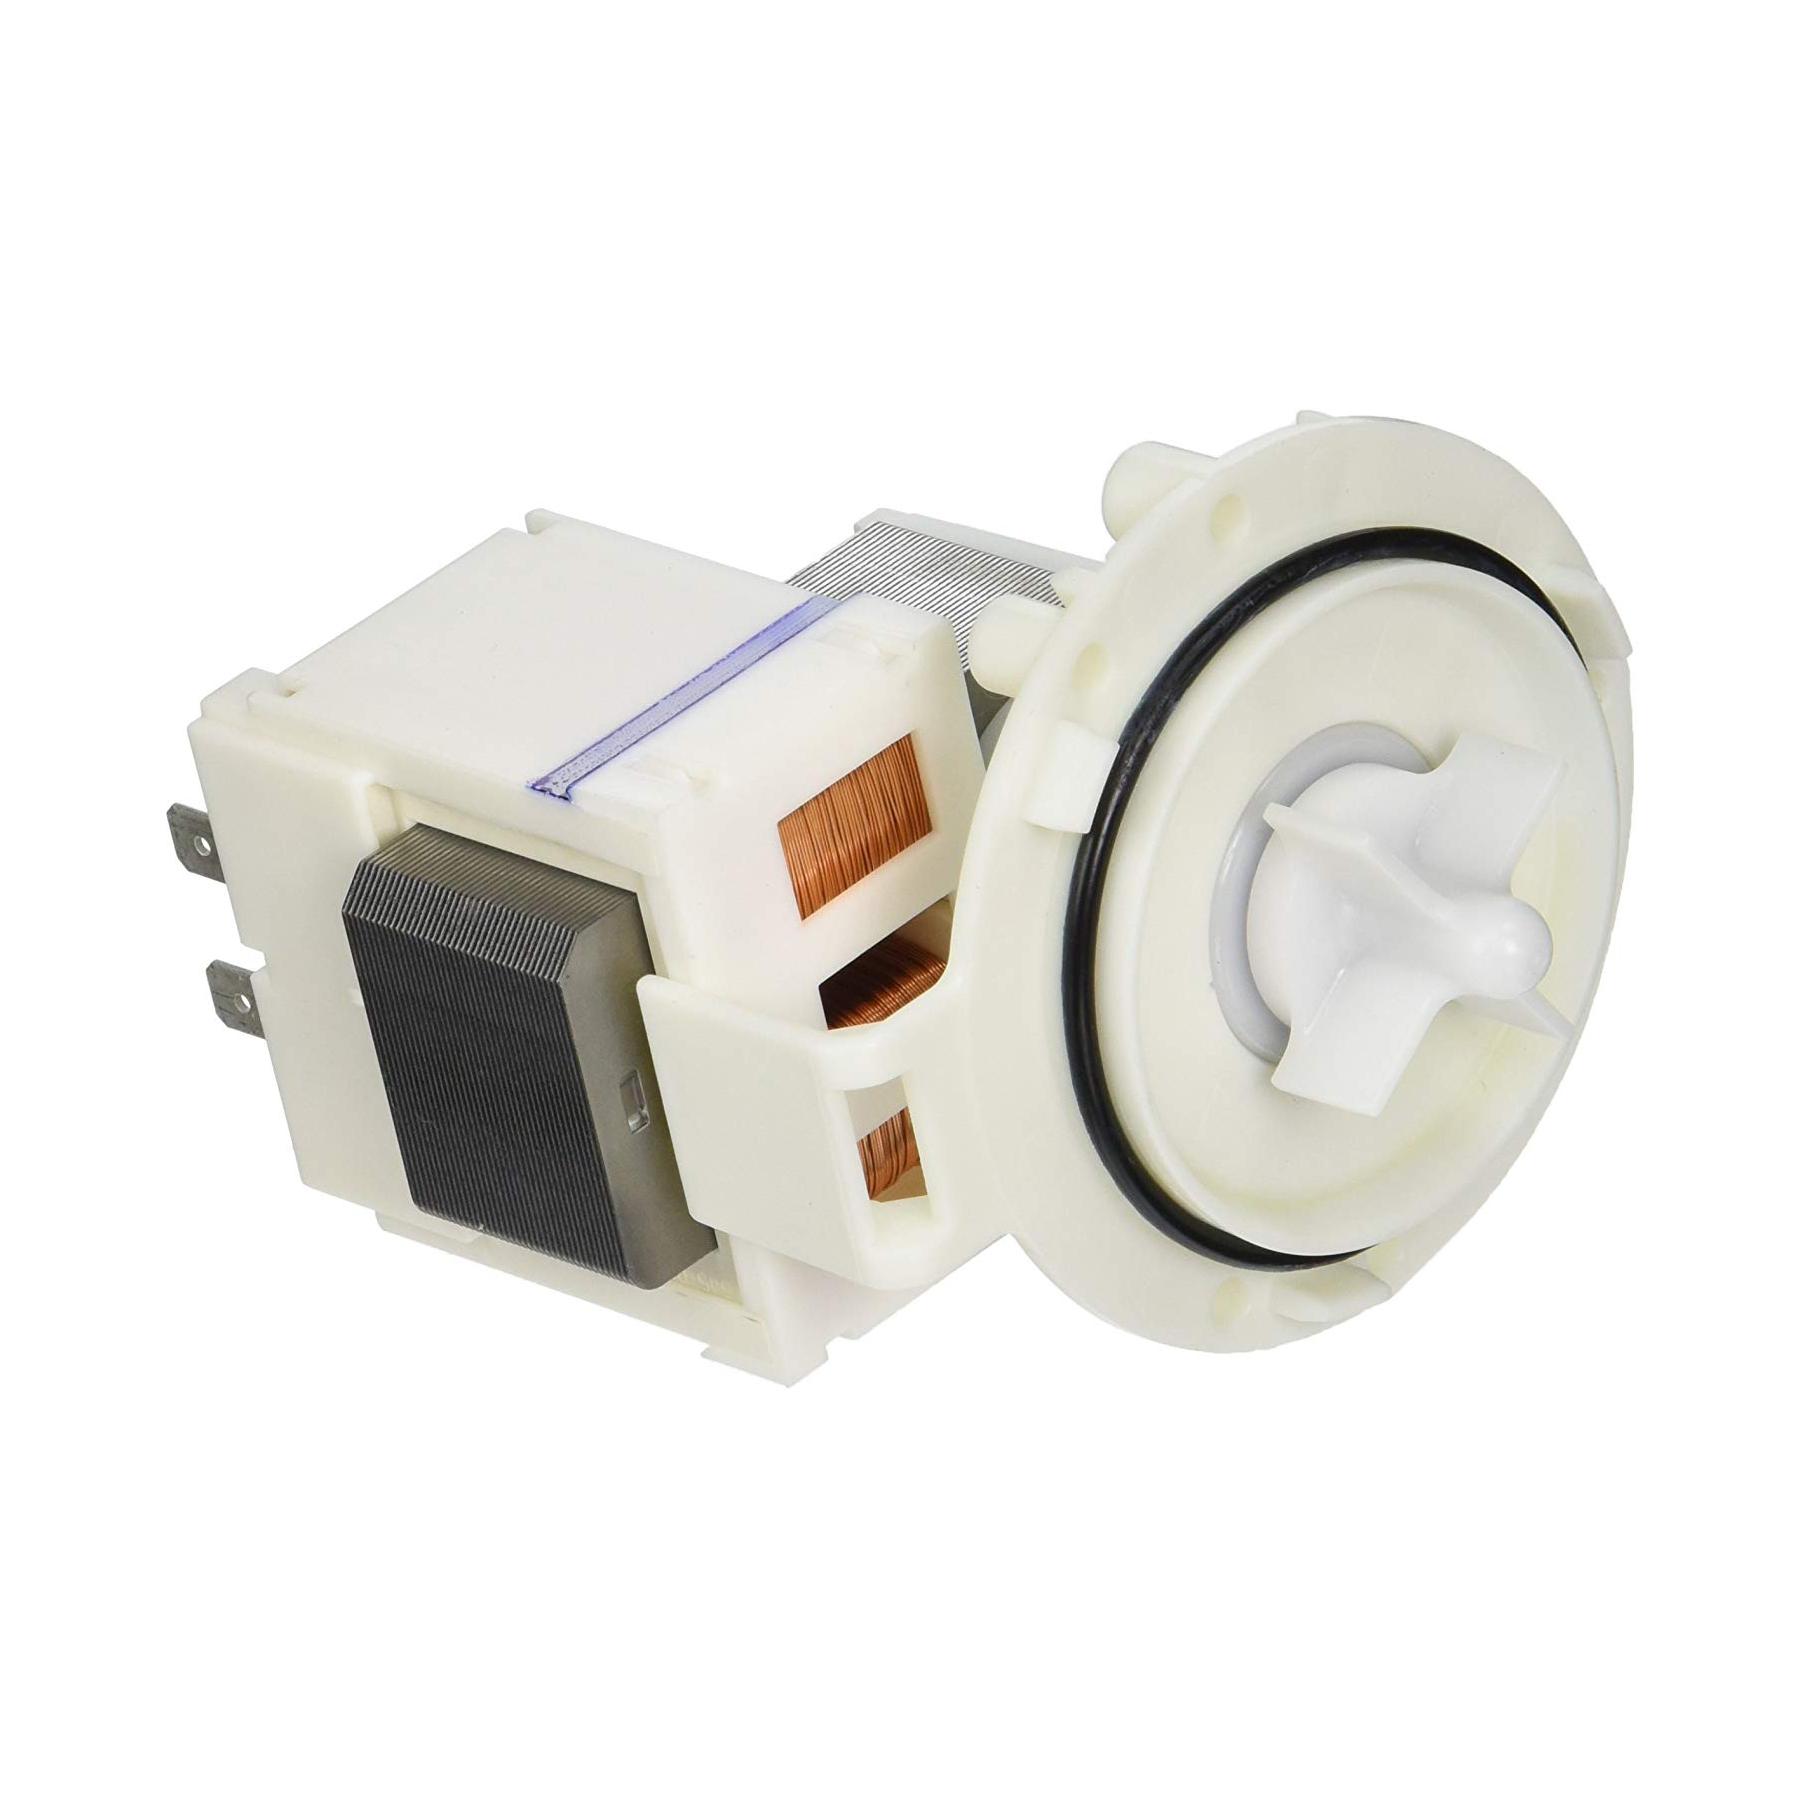 Lg wm2688hnma recirculation drain pump motor genuine oem for Lg drain pump motor